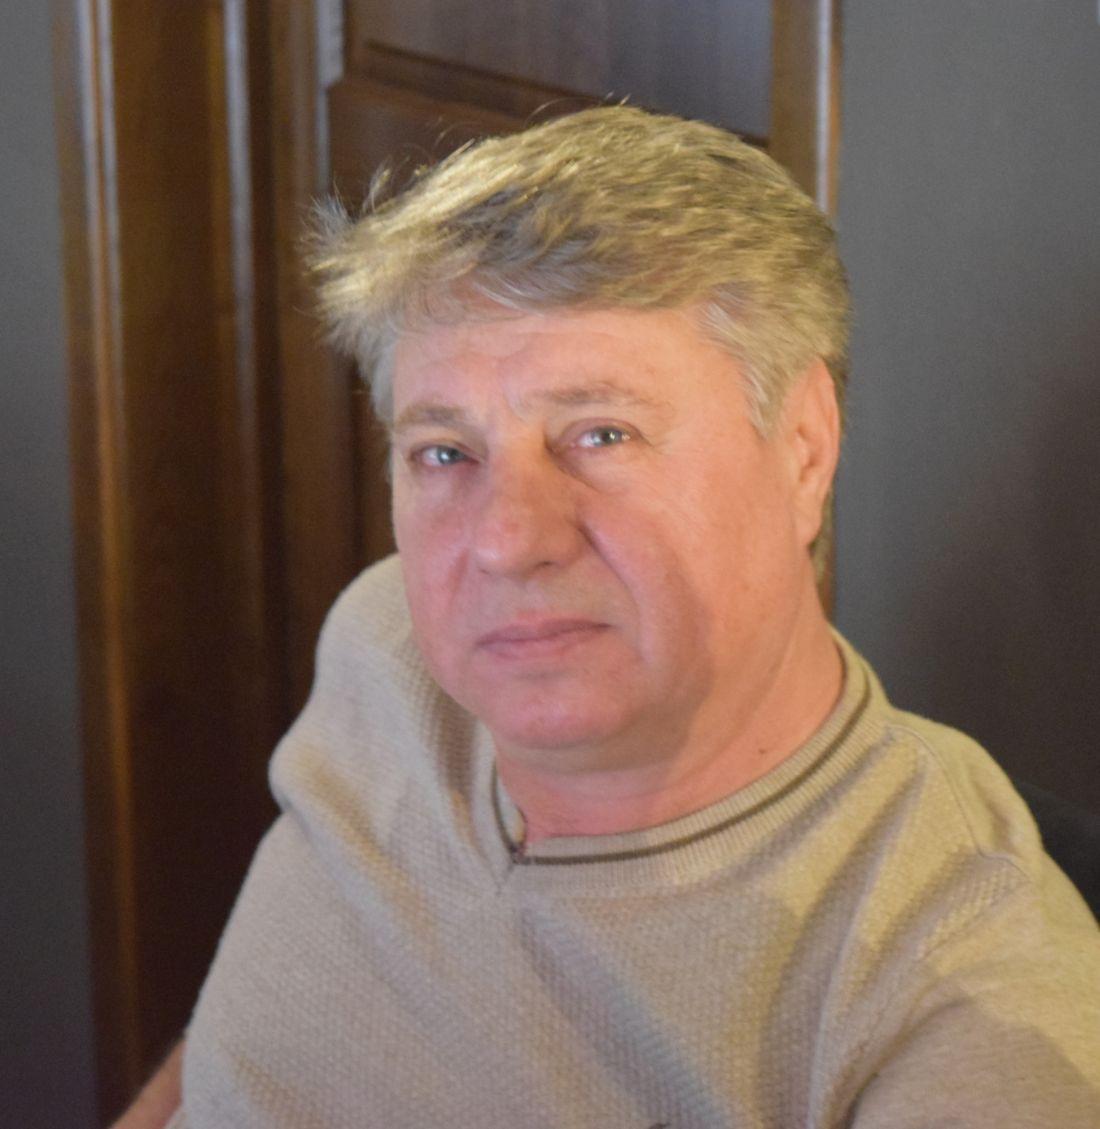 DSC_0010.1100 - Nicolae Caragia - compozitor, presed. juriului Lucky Kyds 2019 (foto Bogdan Dragomir)